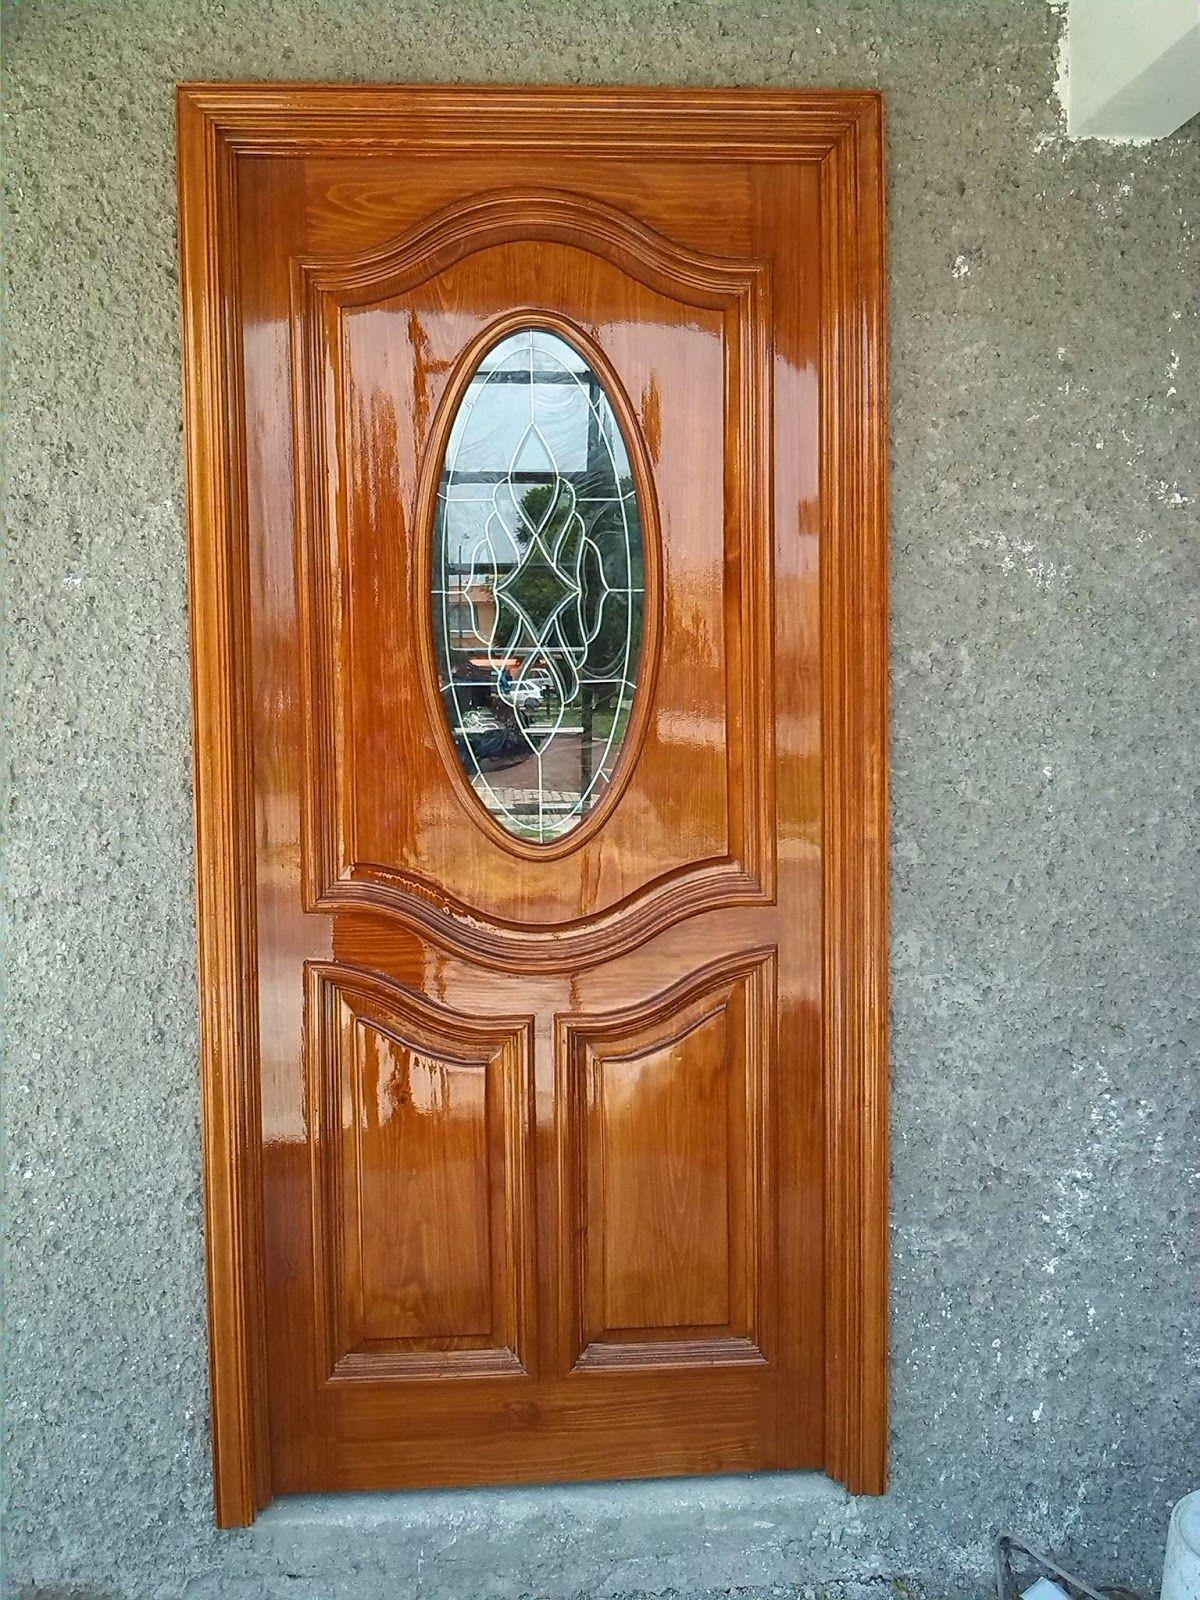 Puertas con 1200 1600 remodelacion pinterest for Puertas principales rusticas madera